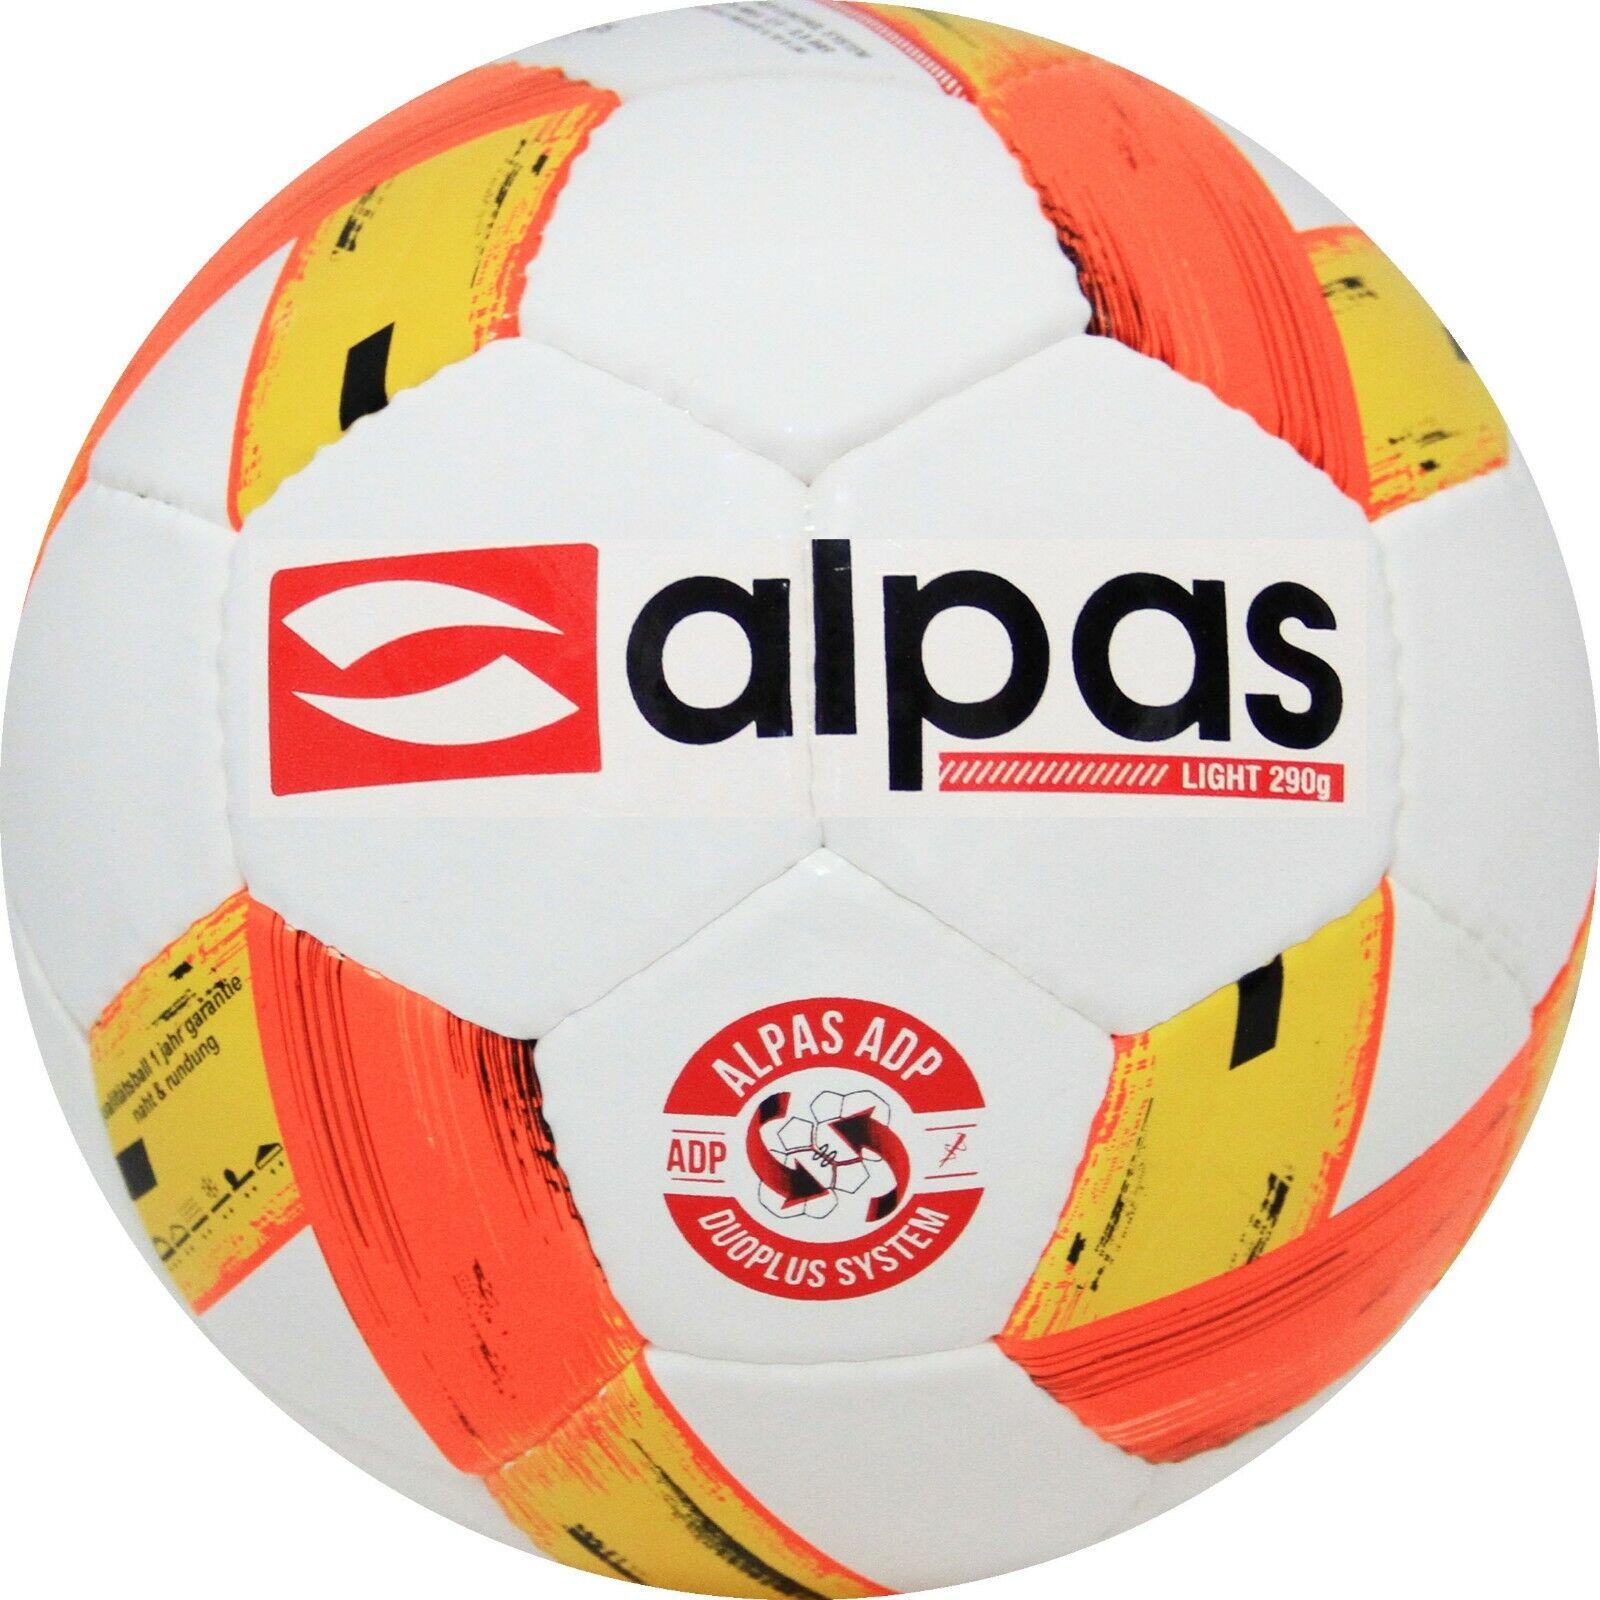 5 X Ballons Football Alpas Balle D'Entraînement G - Jeunes Leichtball Clair 290